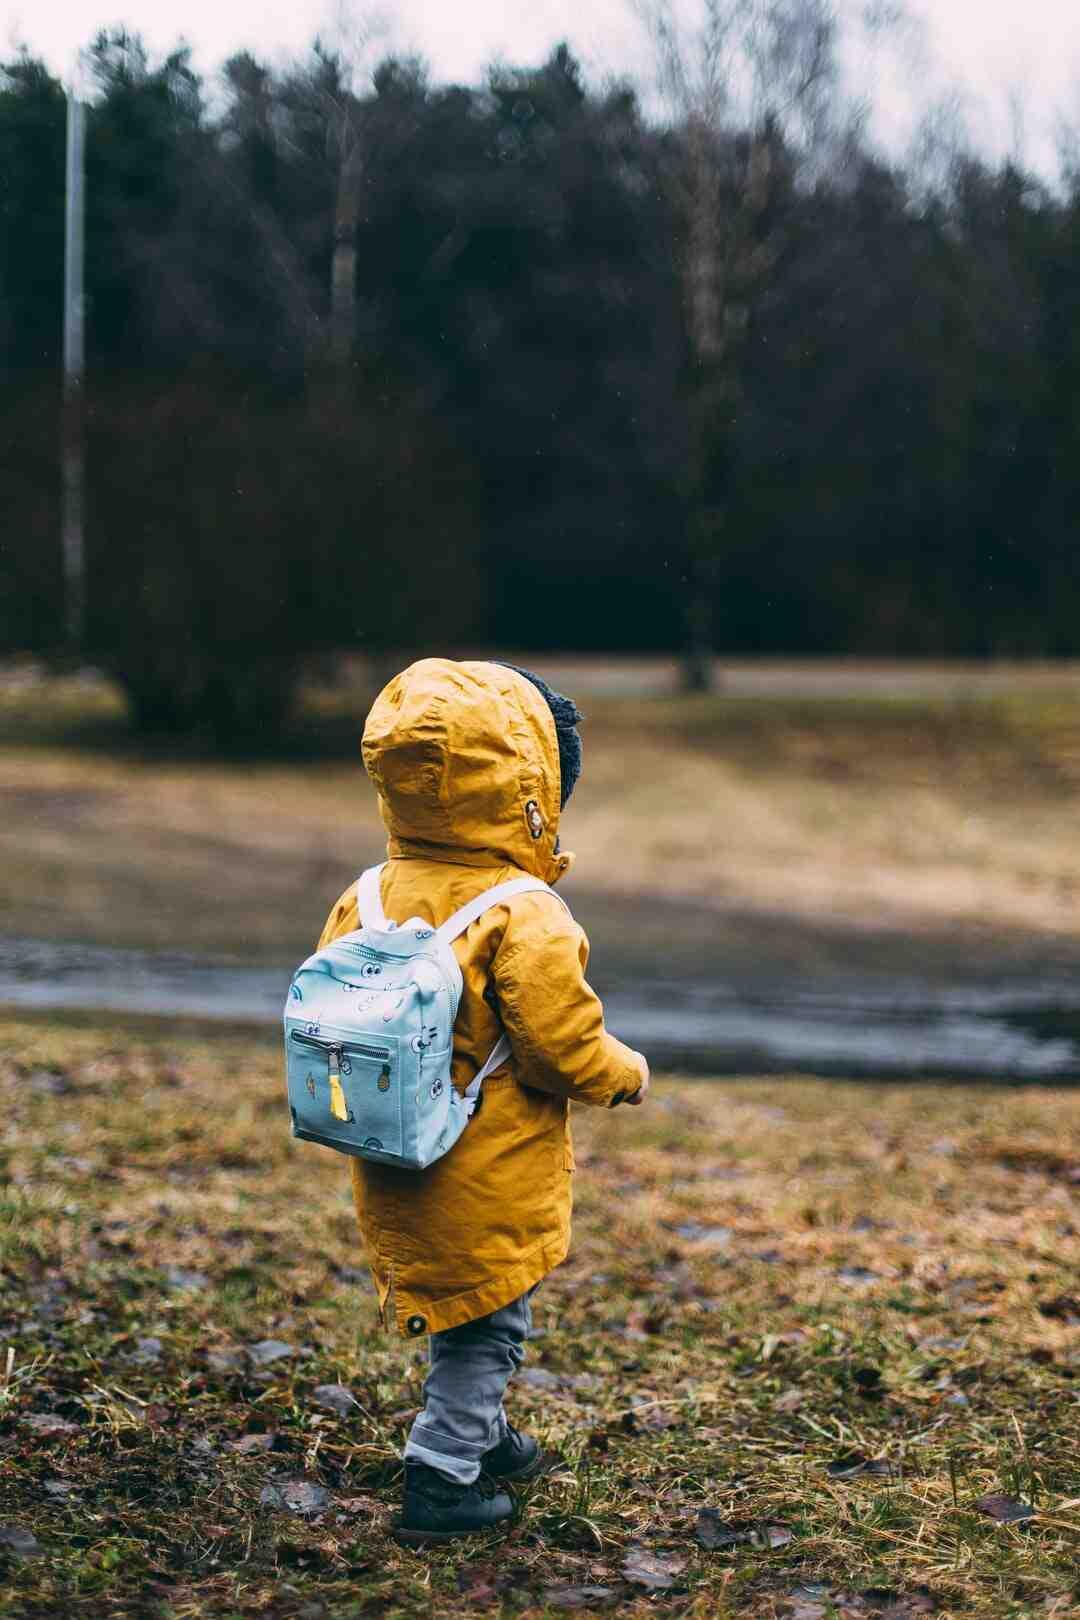 Comment amener un enfant à se sentir valorisé